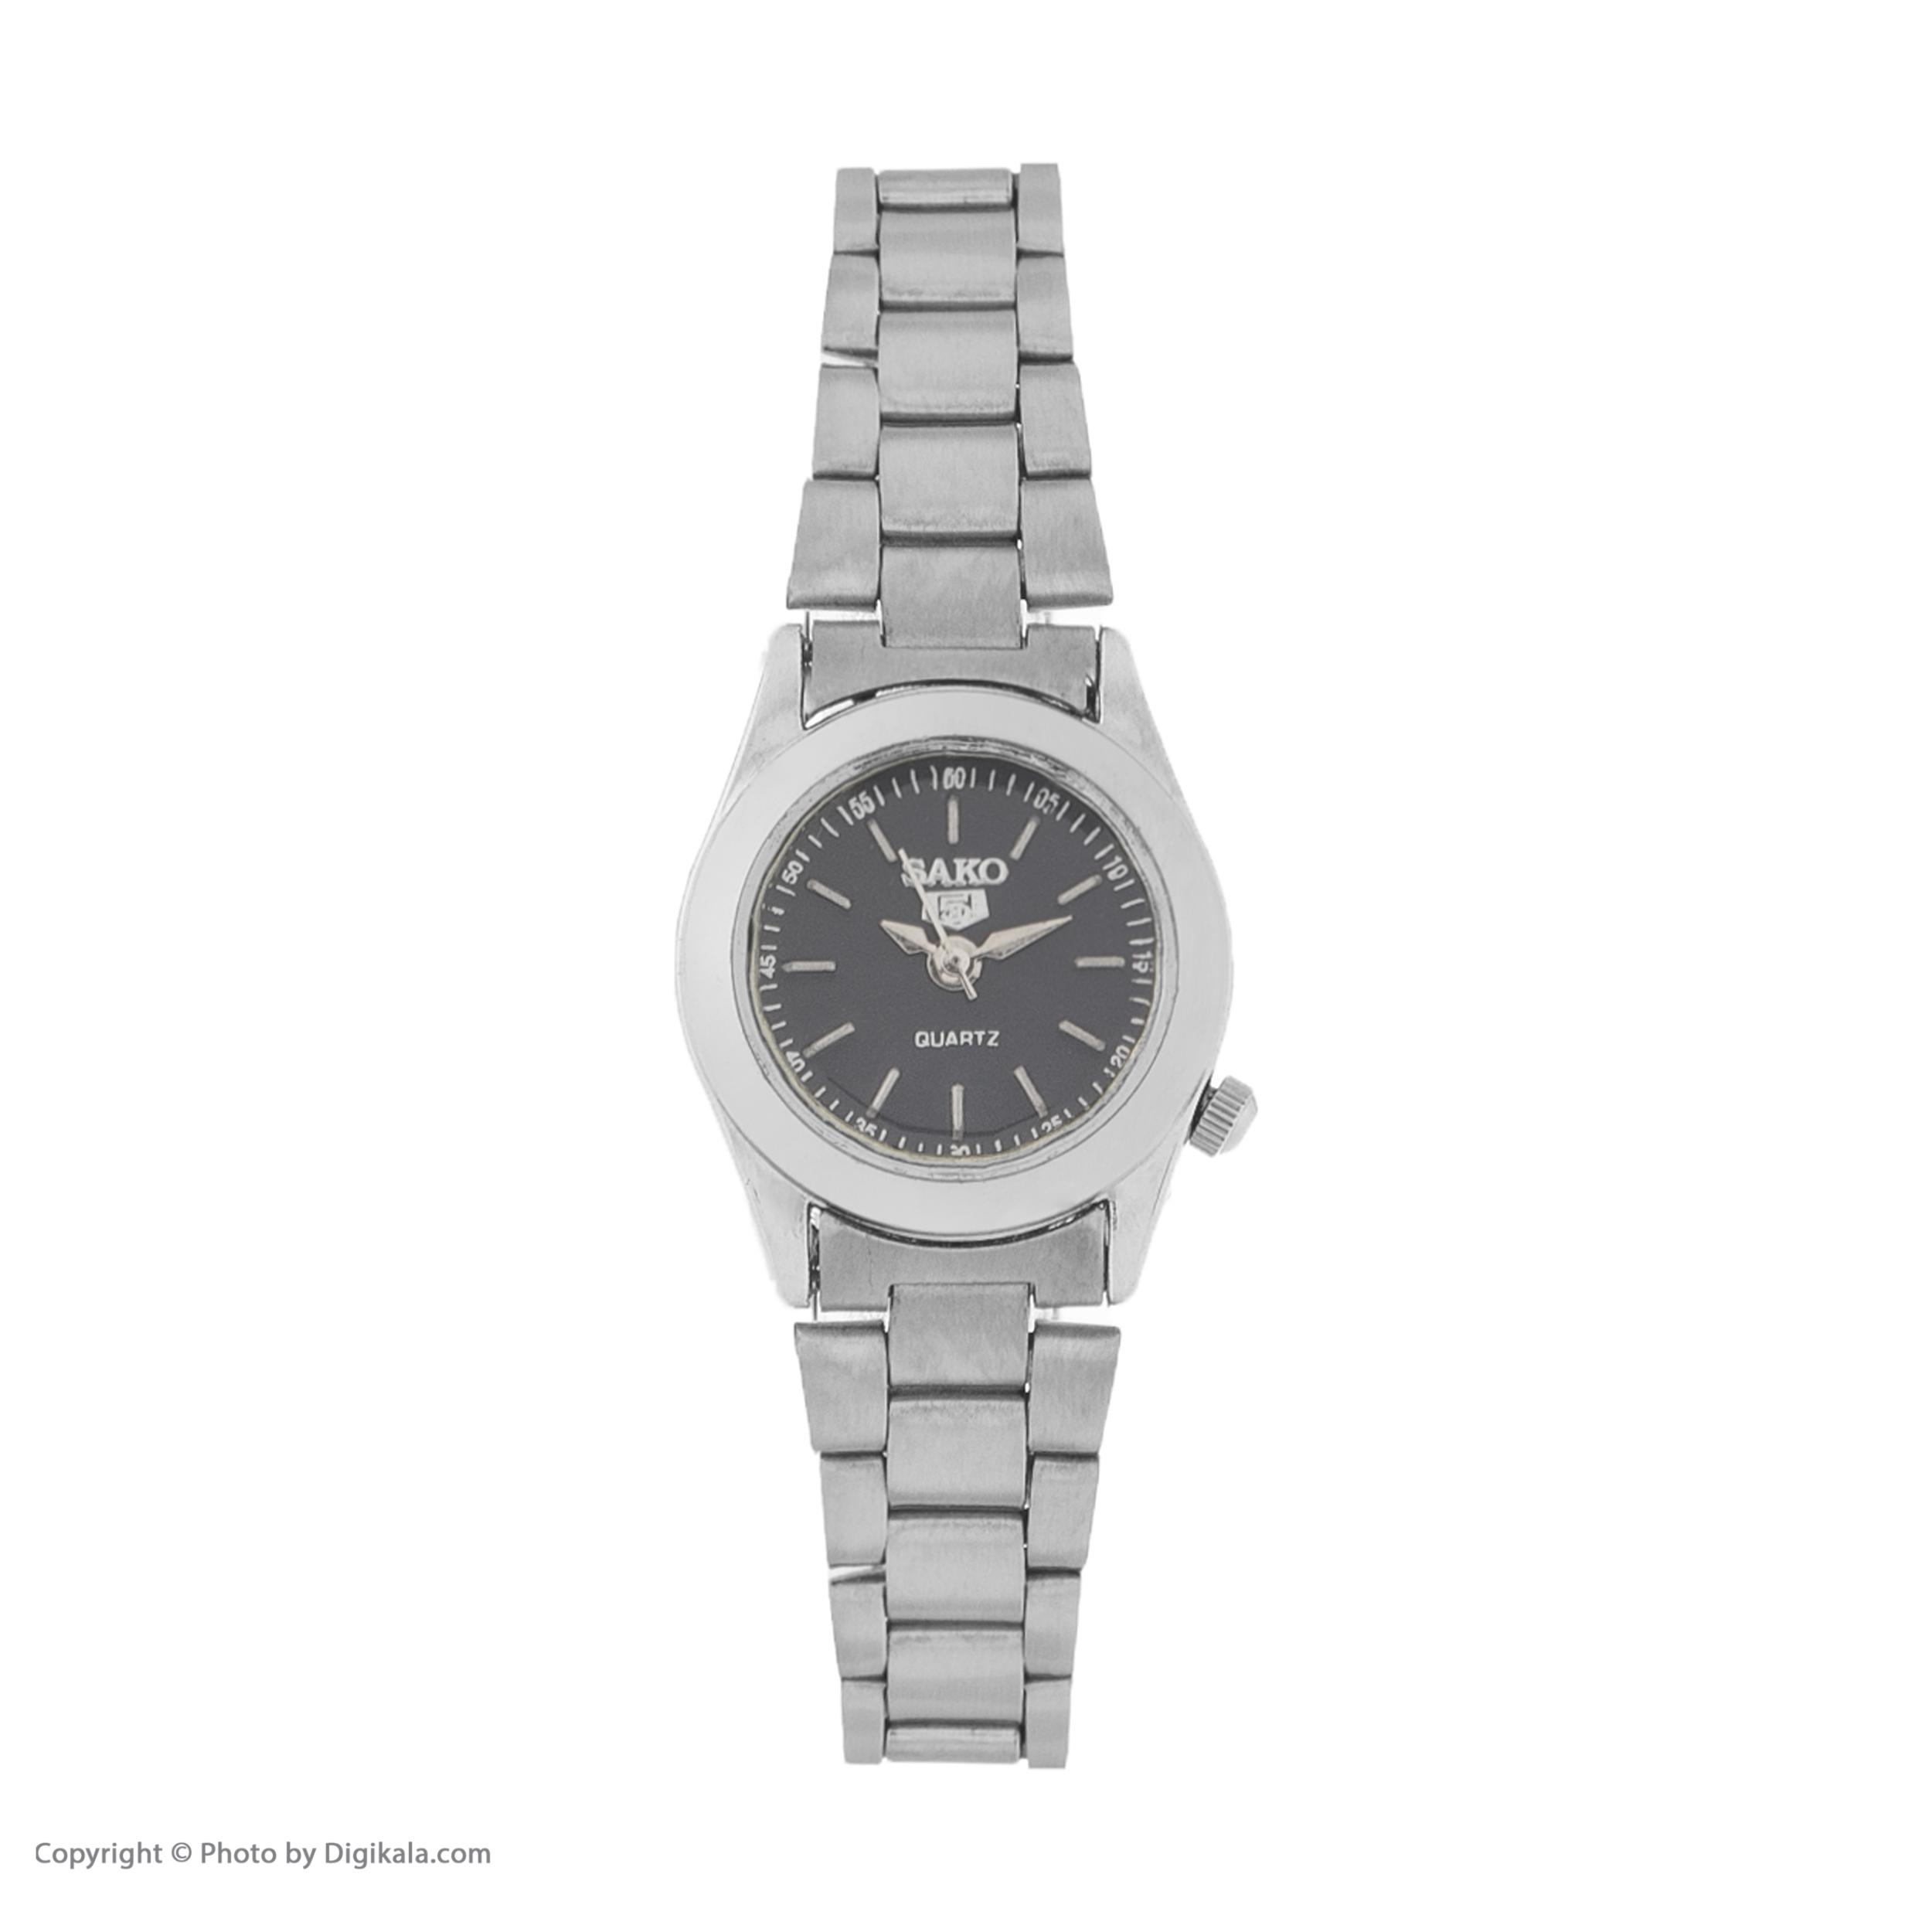 ساعت مچی عقربه ای زنانه ساکو مدل X81